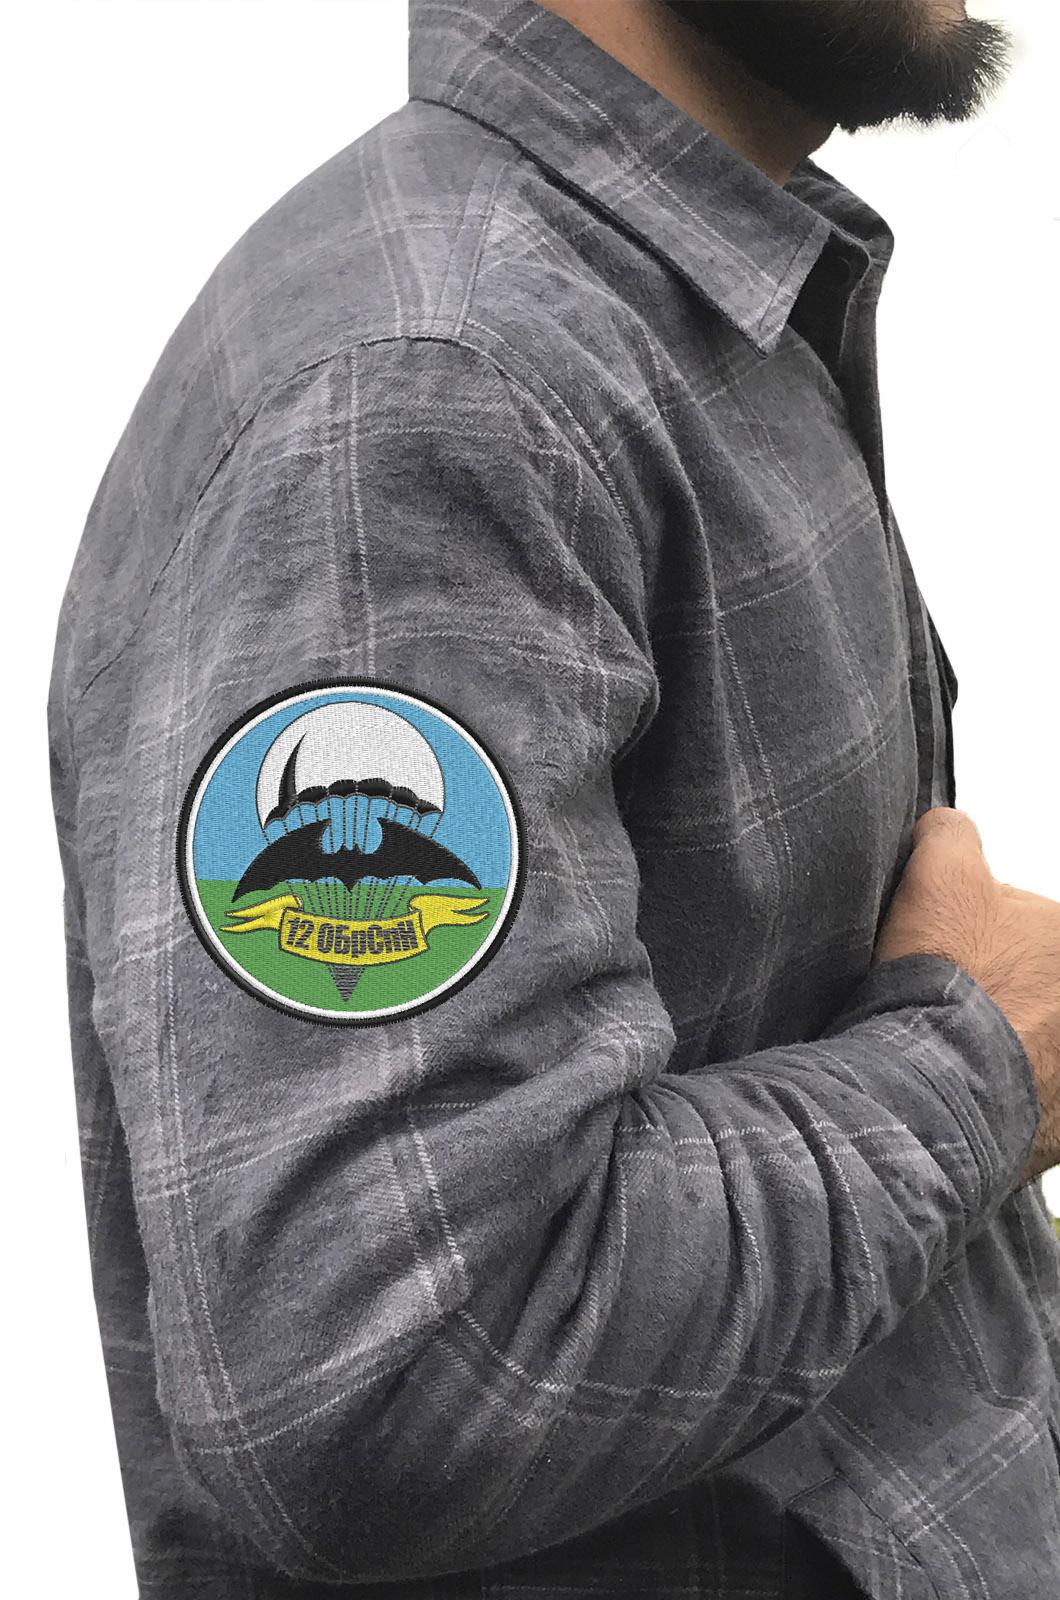 Рубашка с нашивкой 12 ОБрСпН купить с доставкой